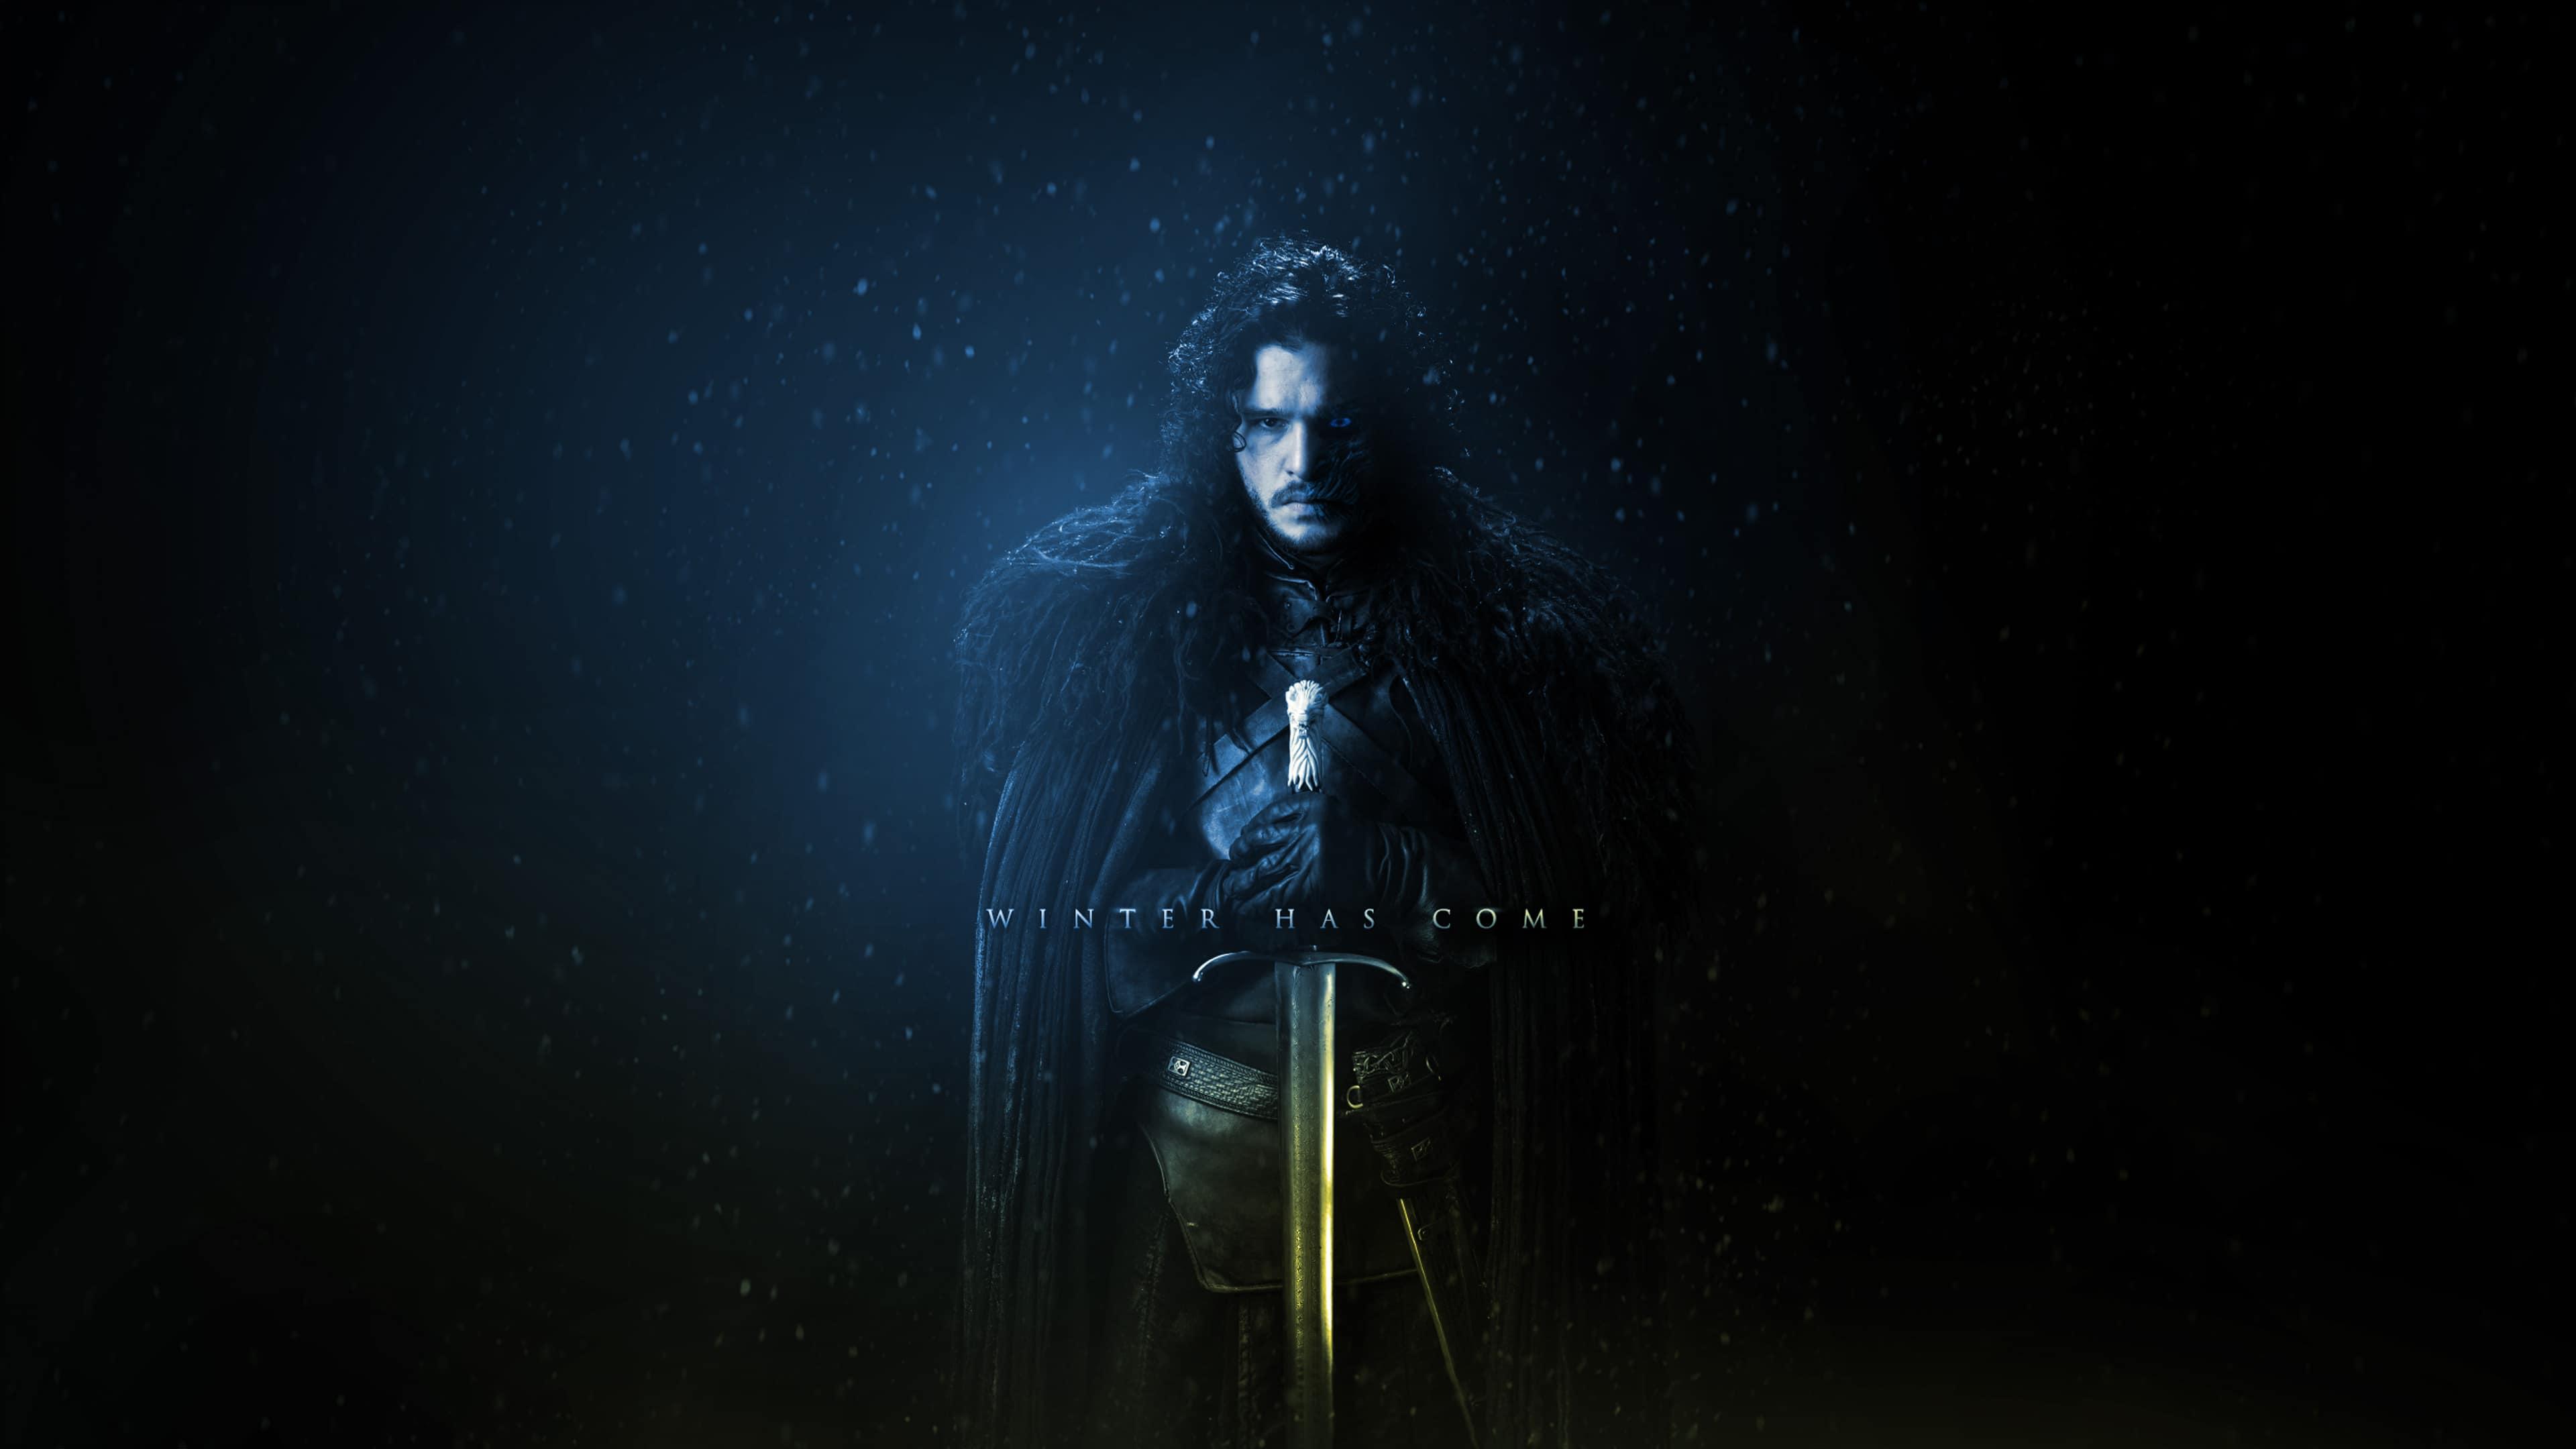 Game Of Thrones Winter Has Come UHD 4K Wallpaper Pixelz 3840x2160